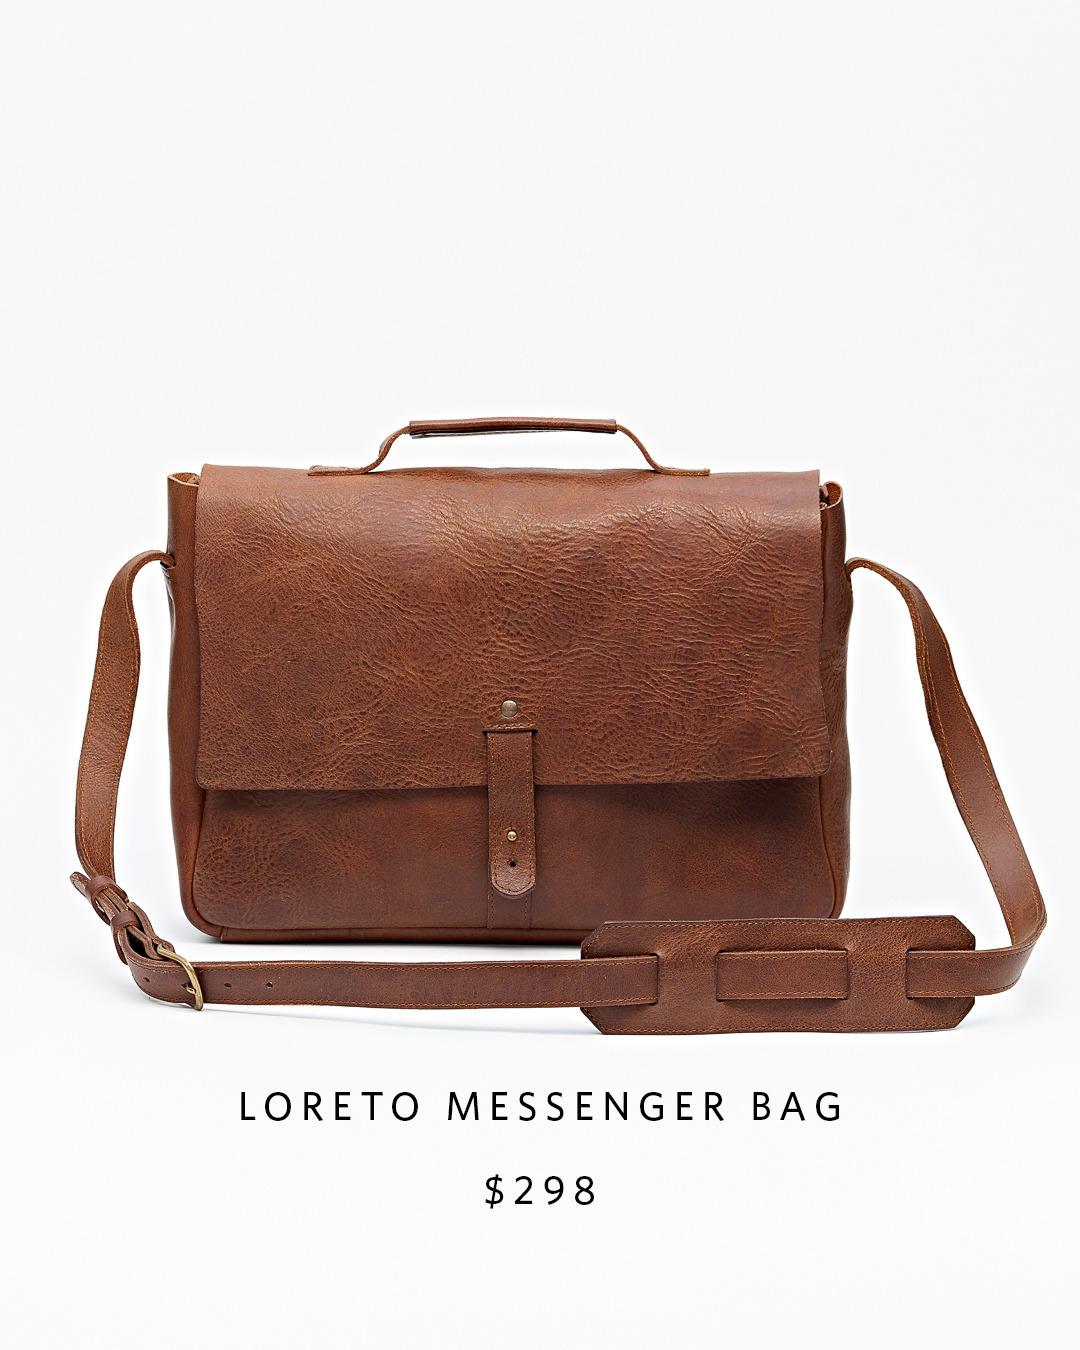 Loreto Messenger Bag | Nisolo